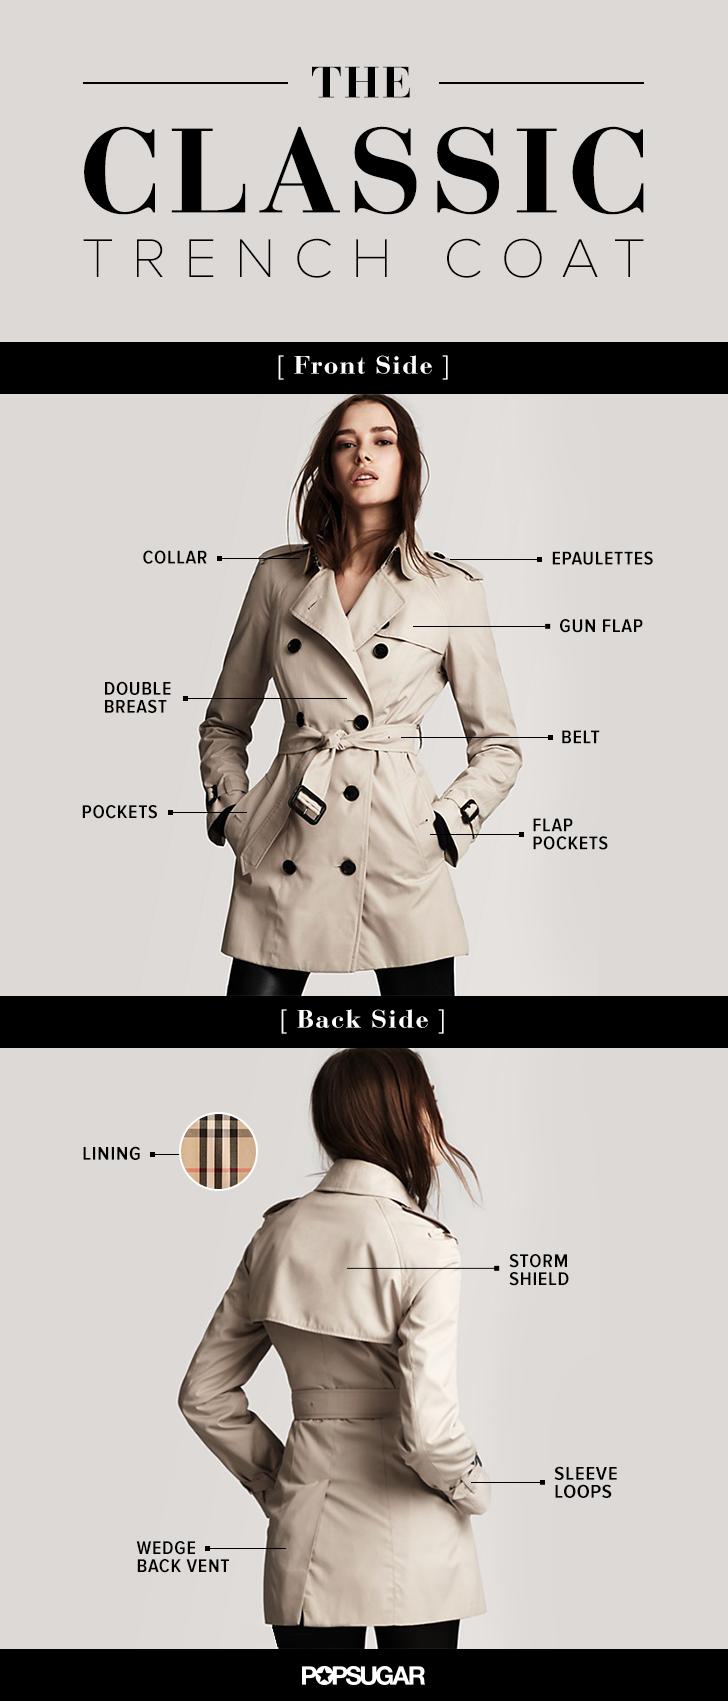 501e267e2a3f407f_Fashion_TrenchCoat-728